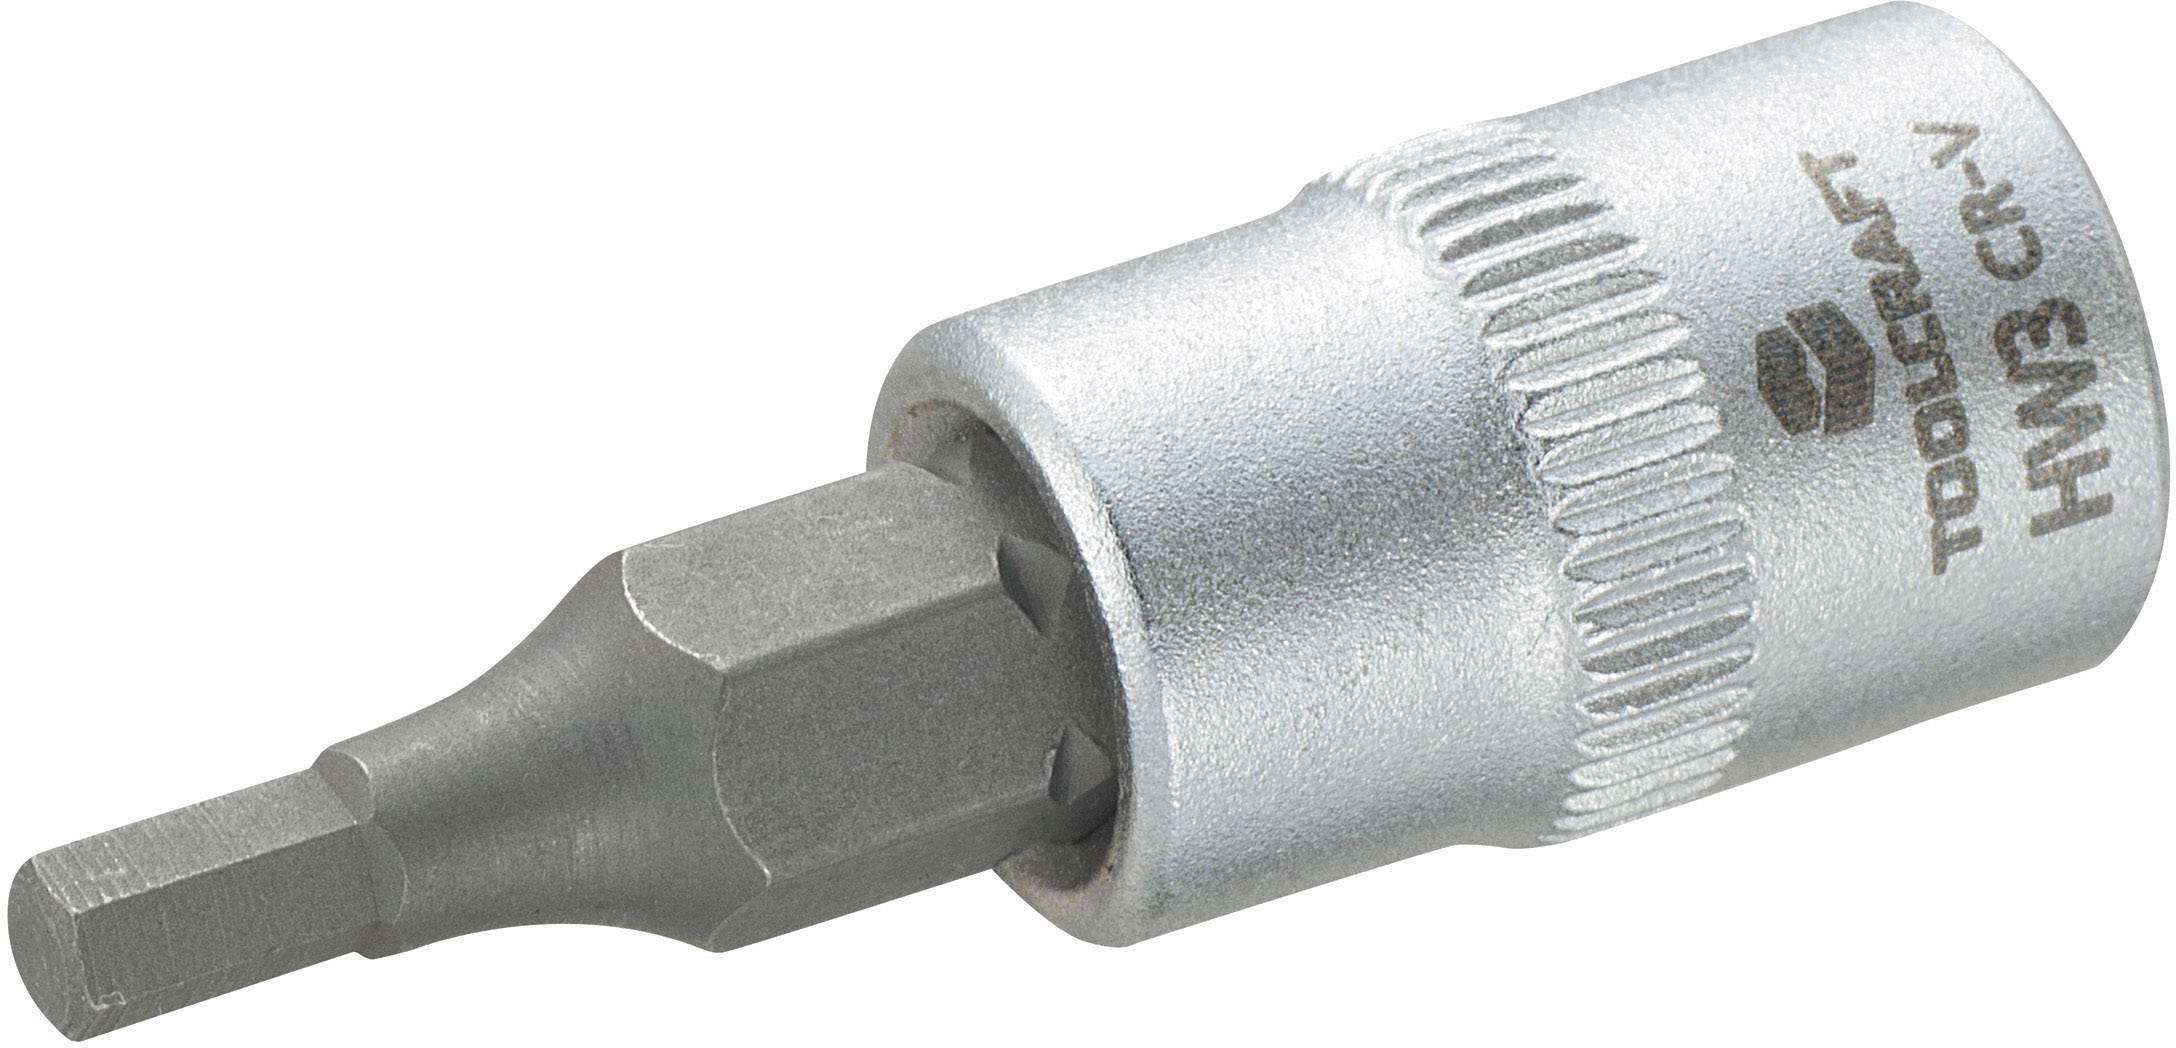 """Násada nástrčného klíče s 3mm vnitřním šestihranným bitem, Toolcraft, 6,3 mm (1/4"""")"""